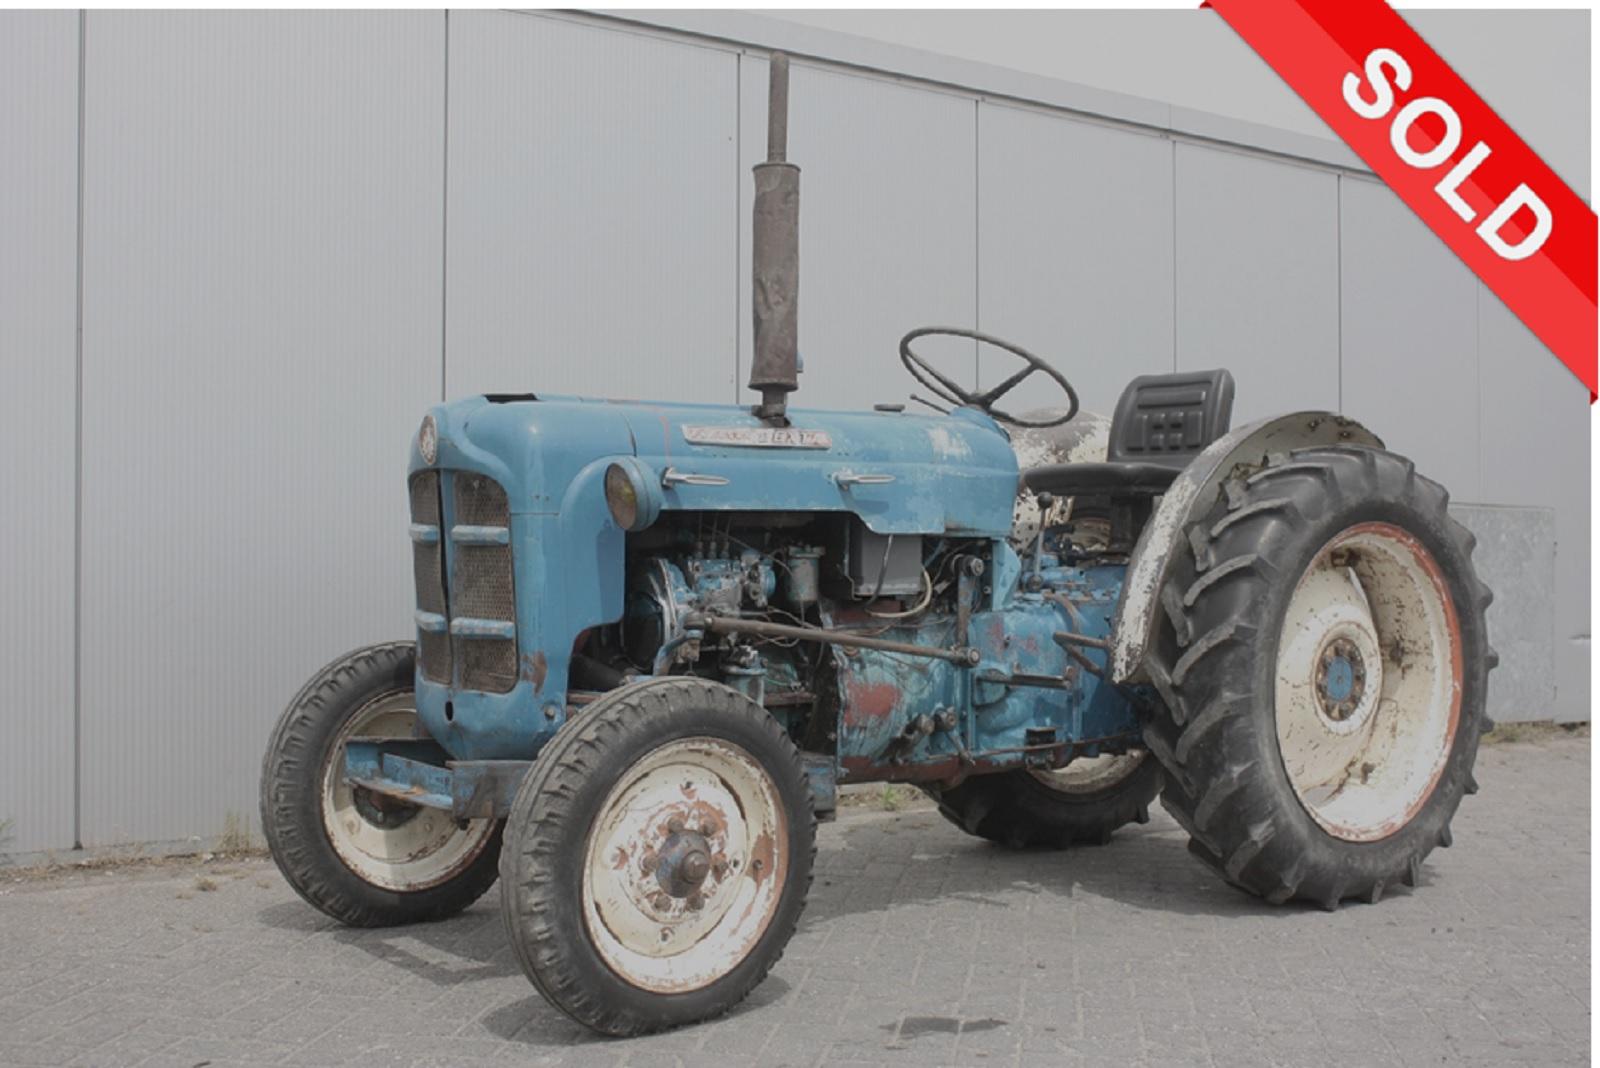 Ford Dexta Tractor : Ford dexta vintage tractor van dijk heavy equipment